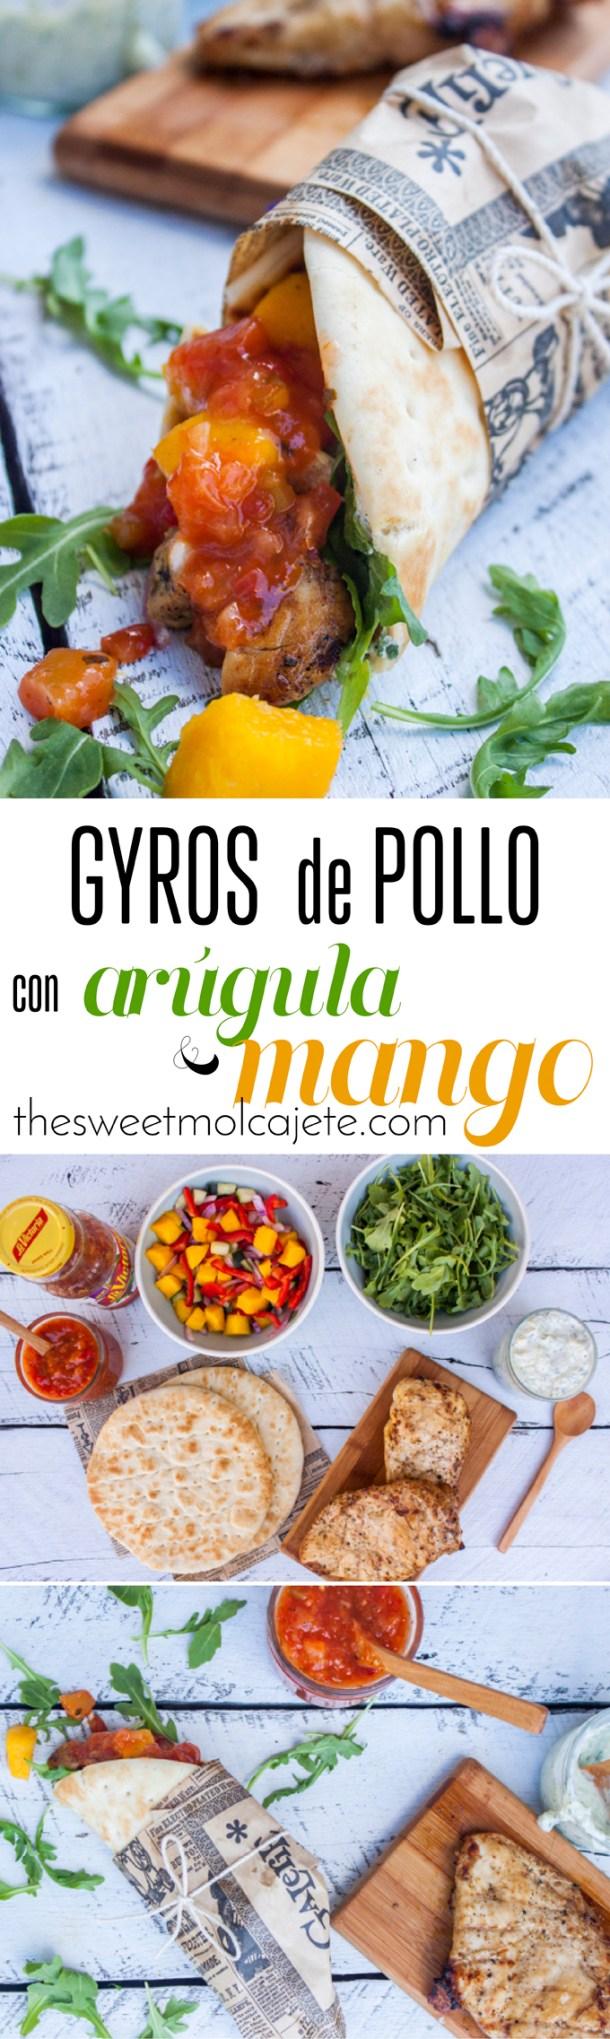 Gyros rellenos de jugoso pollo, arúgula (rúcula), una ensalada fresca de pepino, cebolla y mango se convierten en un platillo completísimo lleno de sabor, frescura y picor gracias a la Salsa Mango Habanero.